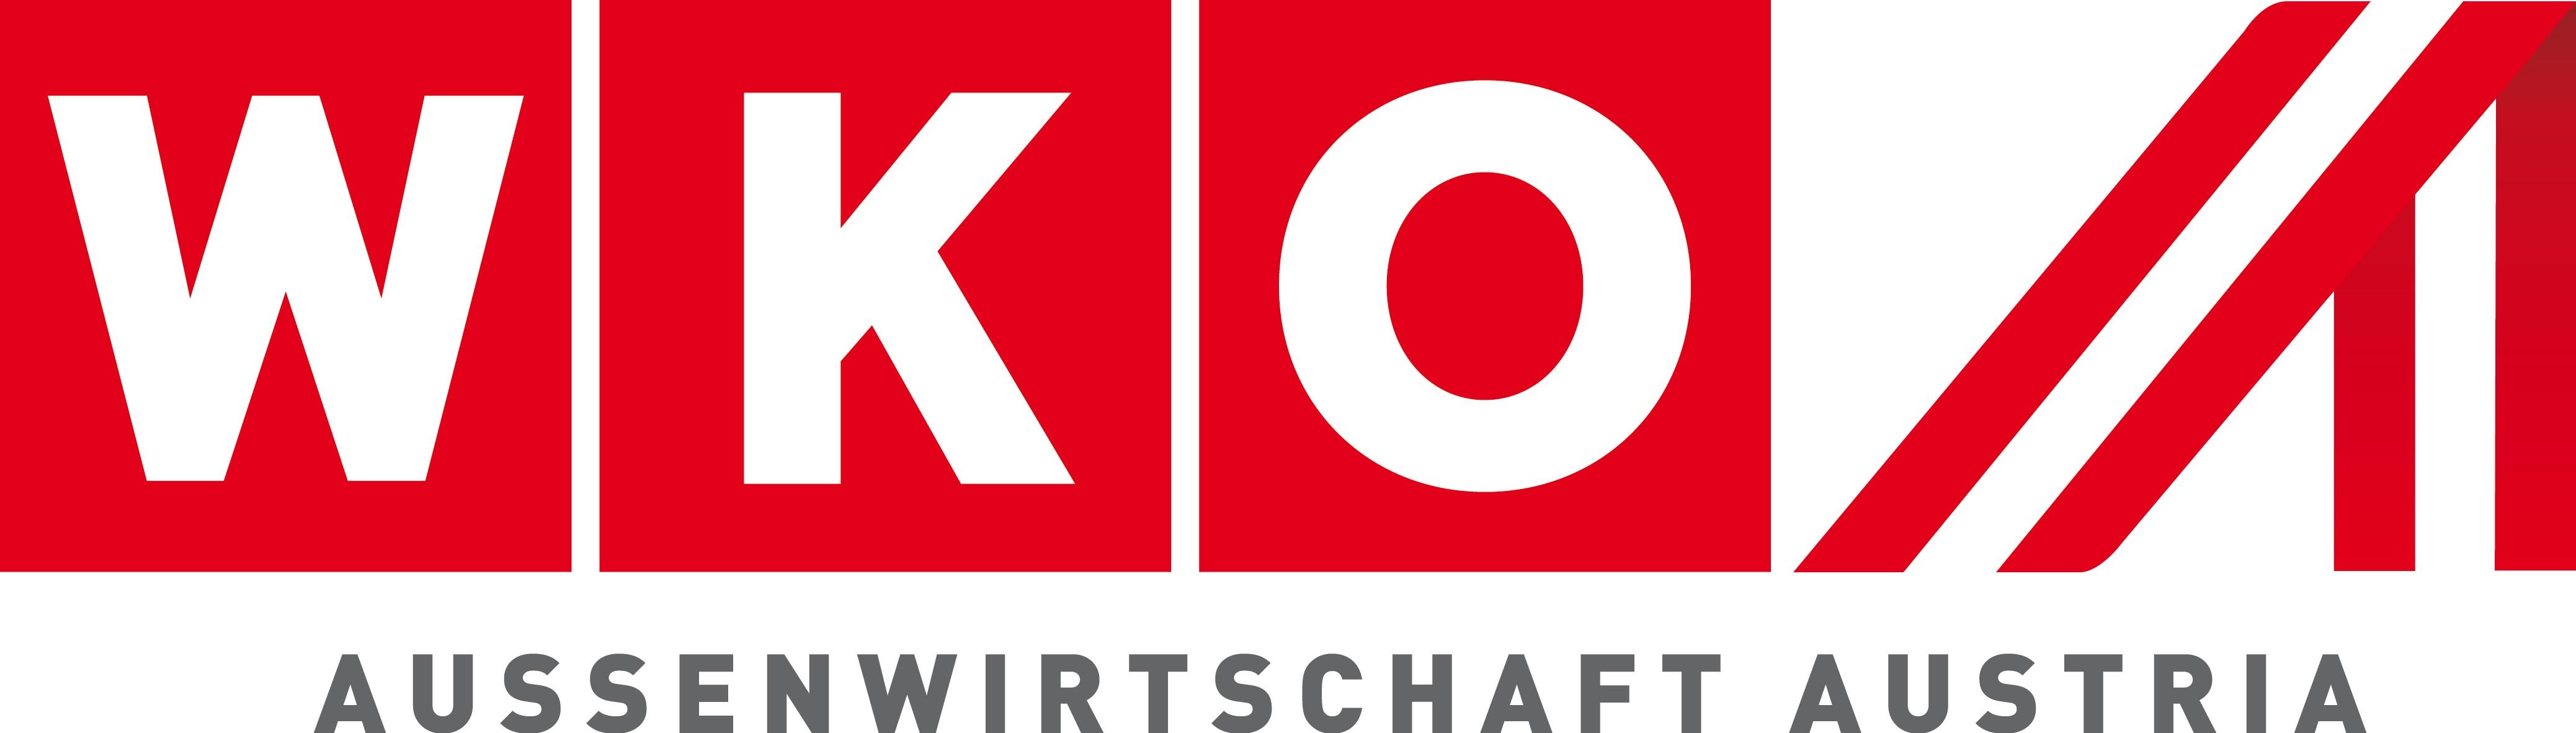 AUSSENWIRTSCHAFT AUSTRIA Logo